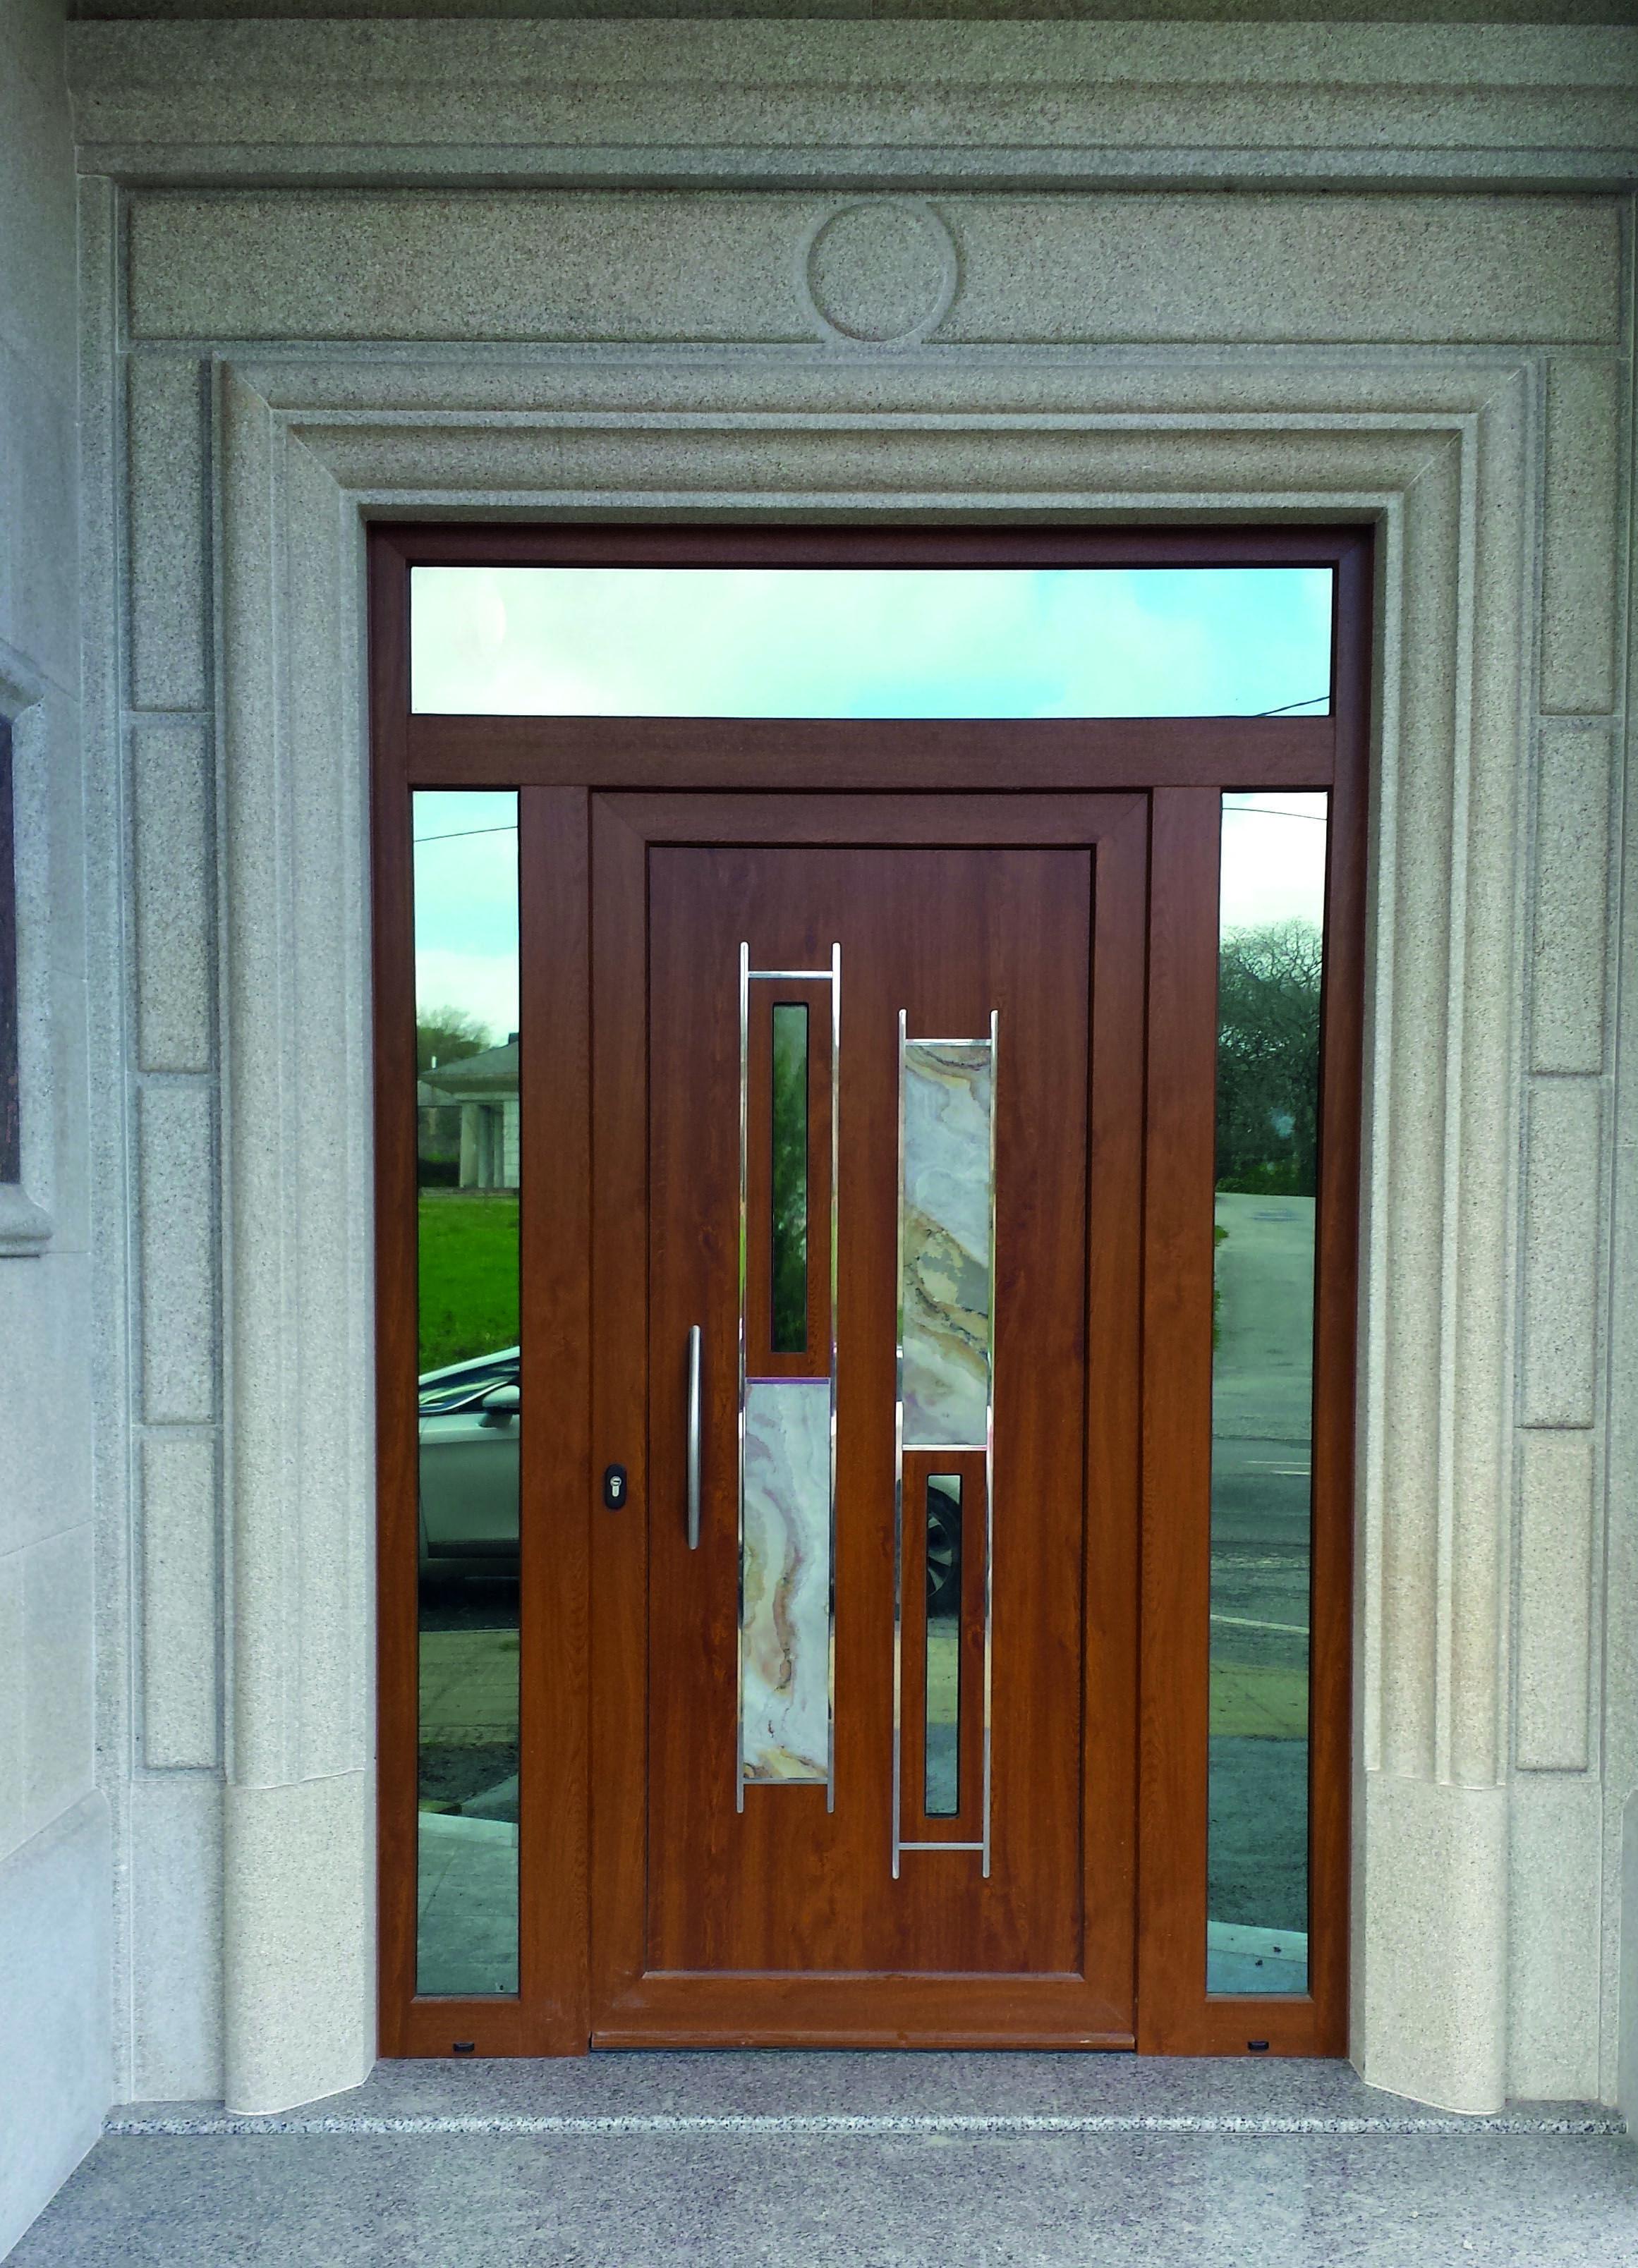 Puerta natura 12 en aluminio foliado roble dorado go con piedra natural y vidrio espejo - Aluminio espejo ...